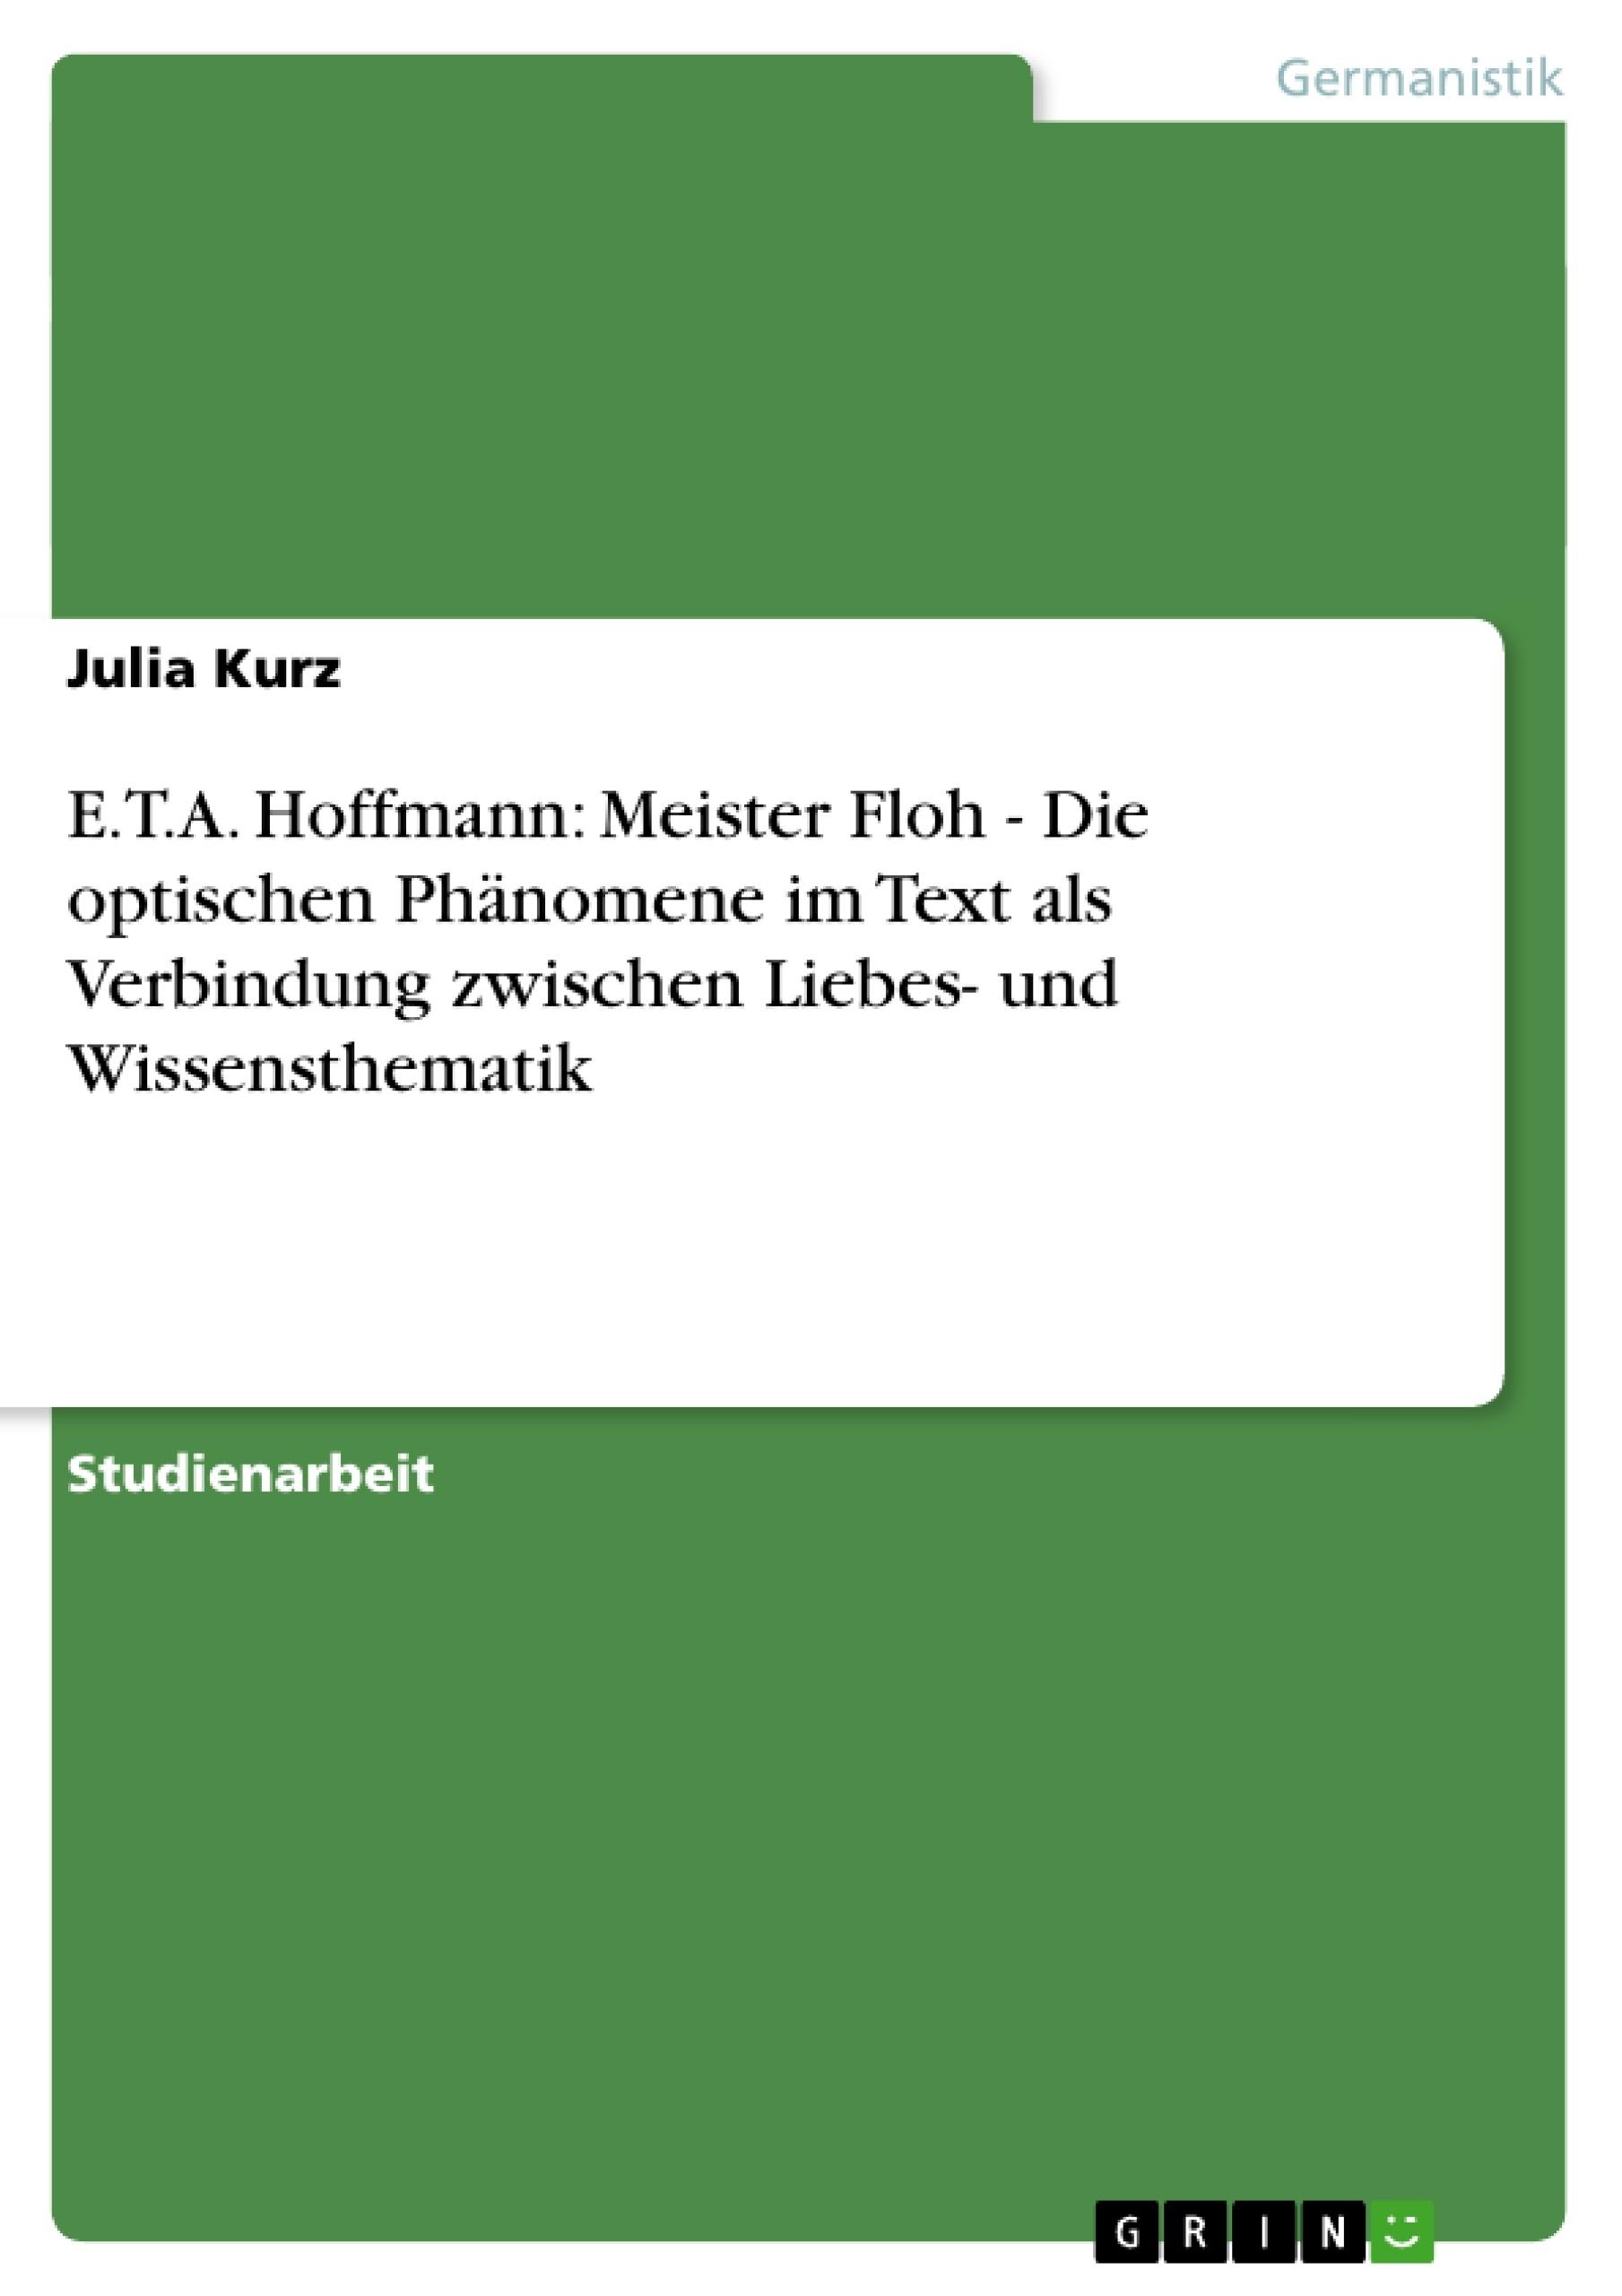 Titel: E.T.A. Hoffmann: Meister Floh - Die optischen Phänomene im Text als Verbindung zwischen Liebes- und Wissensthematik